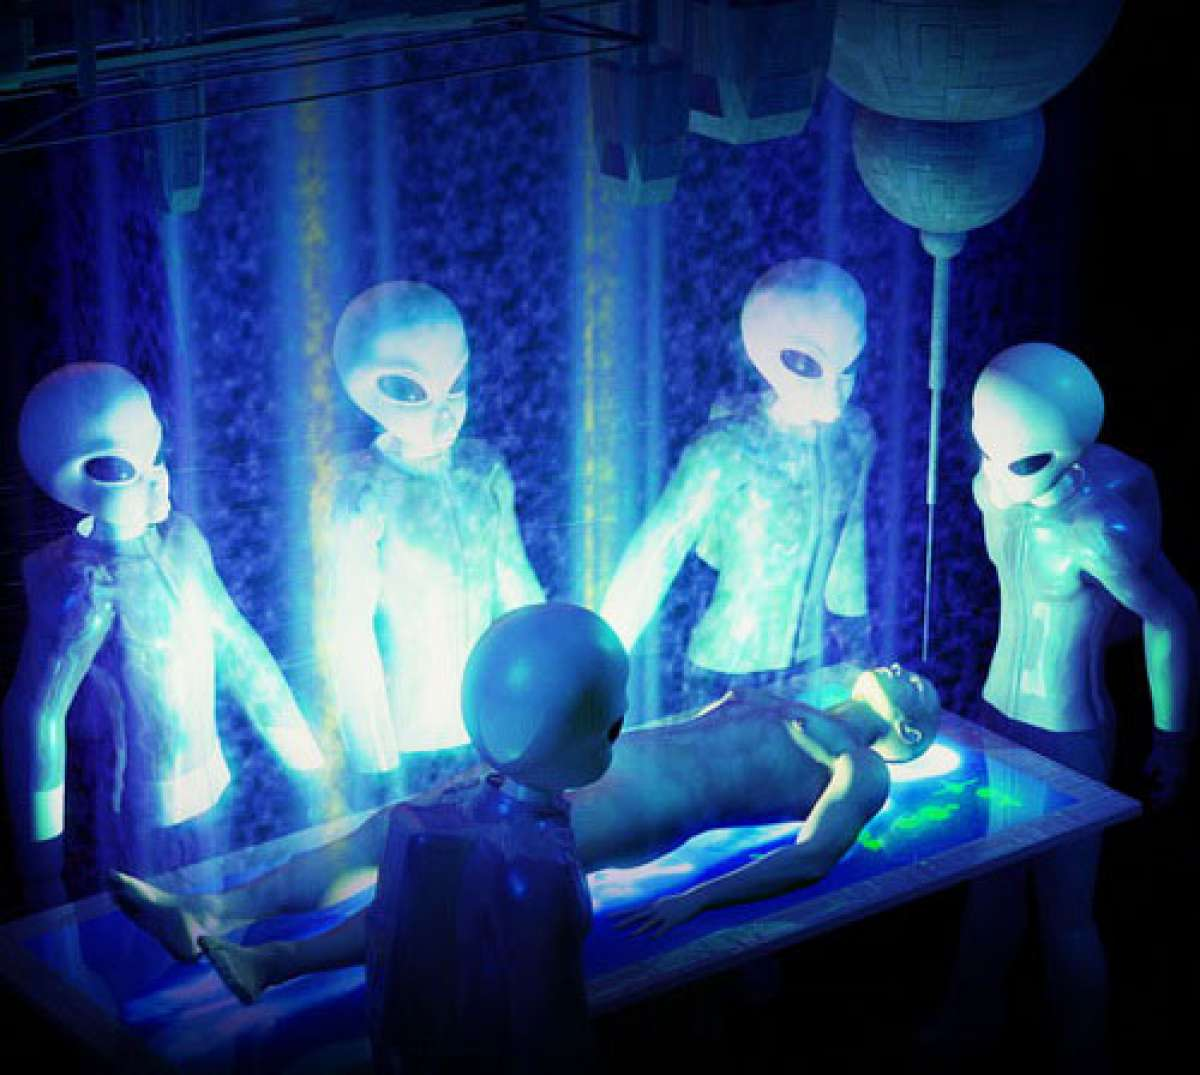 Астронавт уверен, что людей на Землю забросили пришельцы